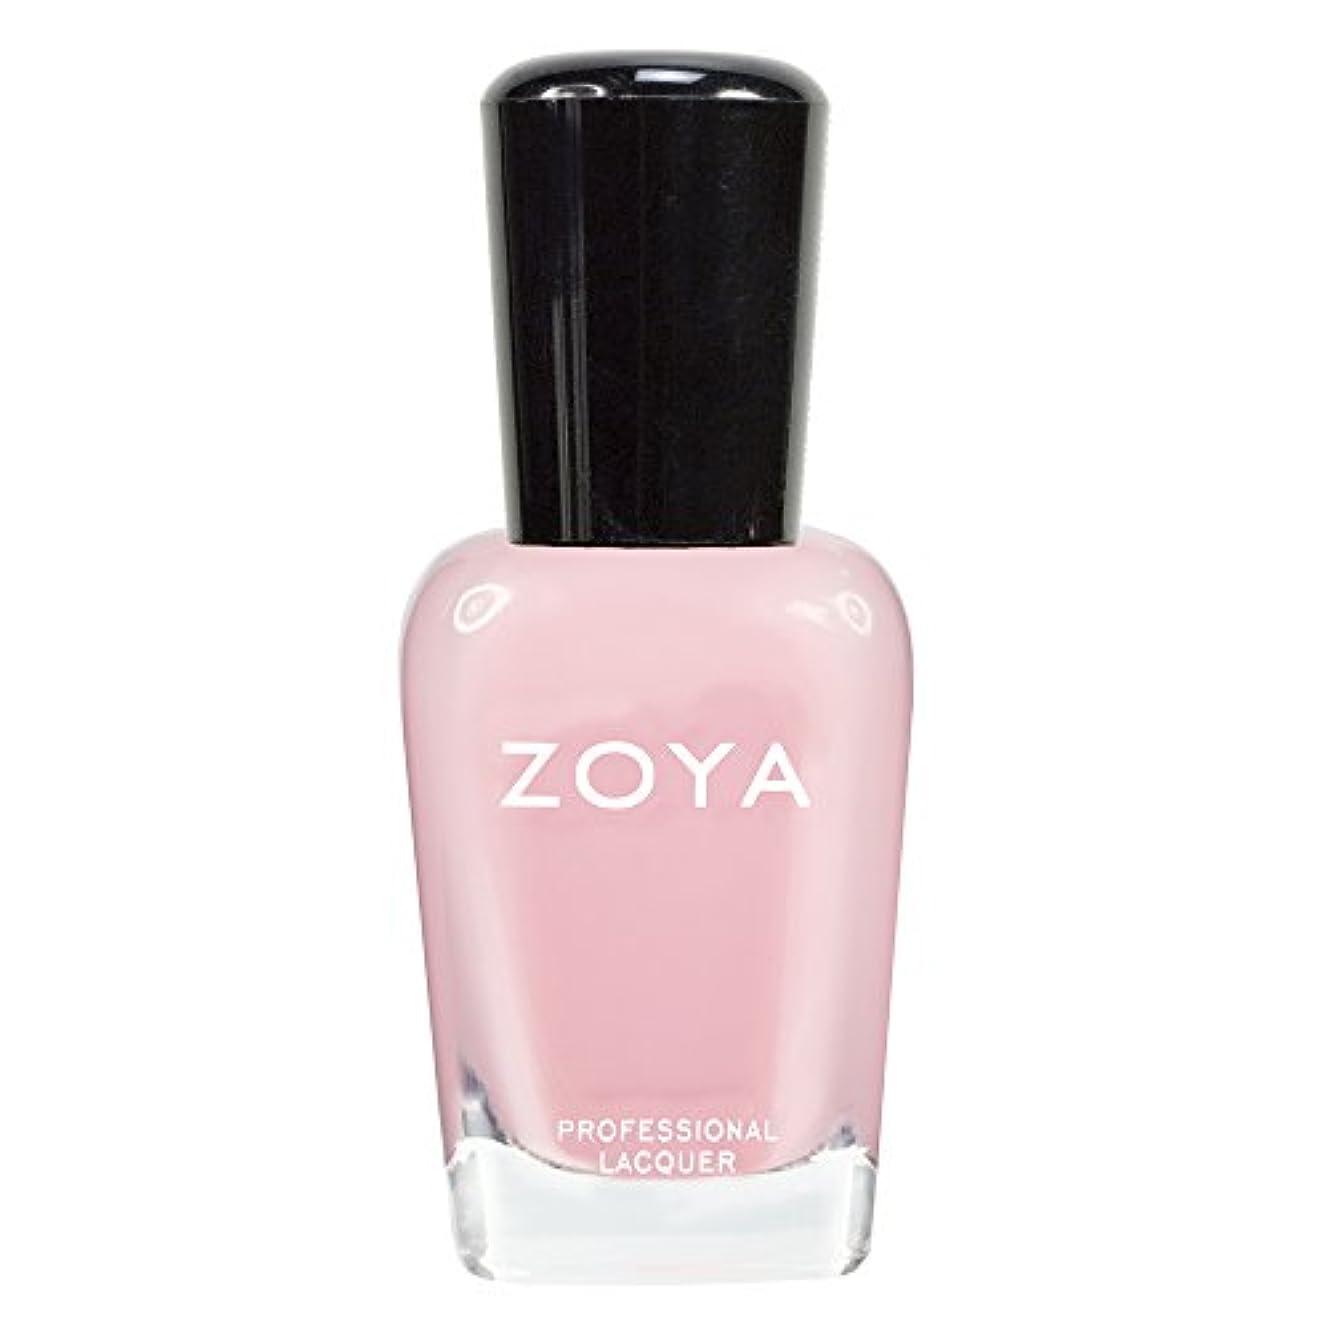 ブラストミント証拠ZOYA ゾーヤ ネイルカラーZP433 LAURIE ローリー 15ml 可愛く色づく桜の花ようなピンク シアー/クリーム 爪にやさしいネイルラッカーマニキュア